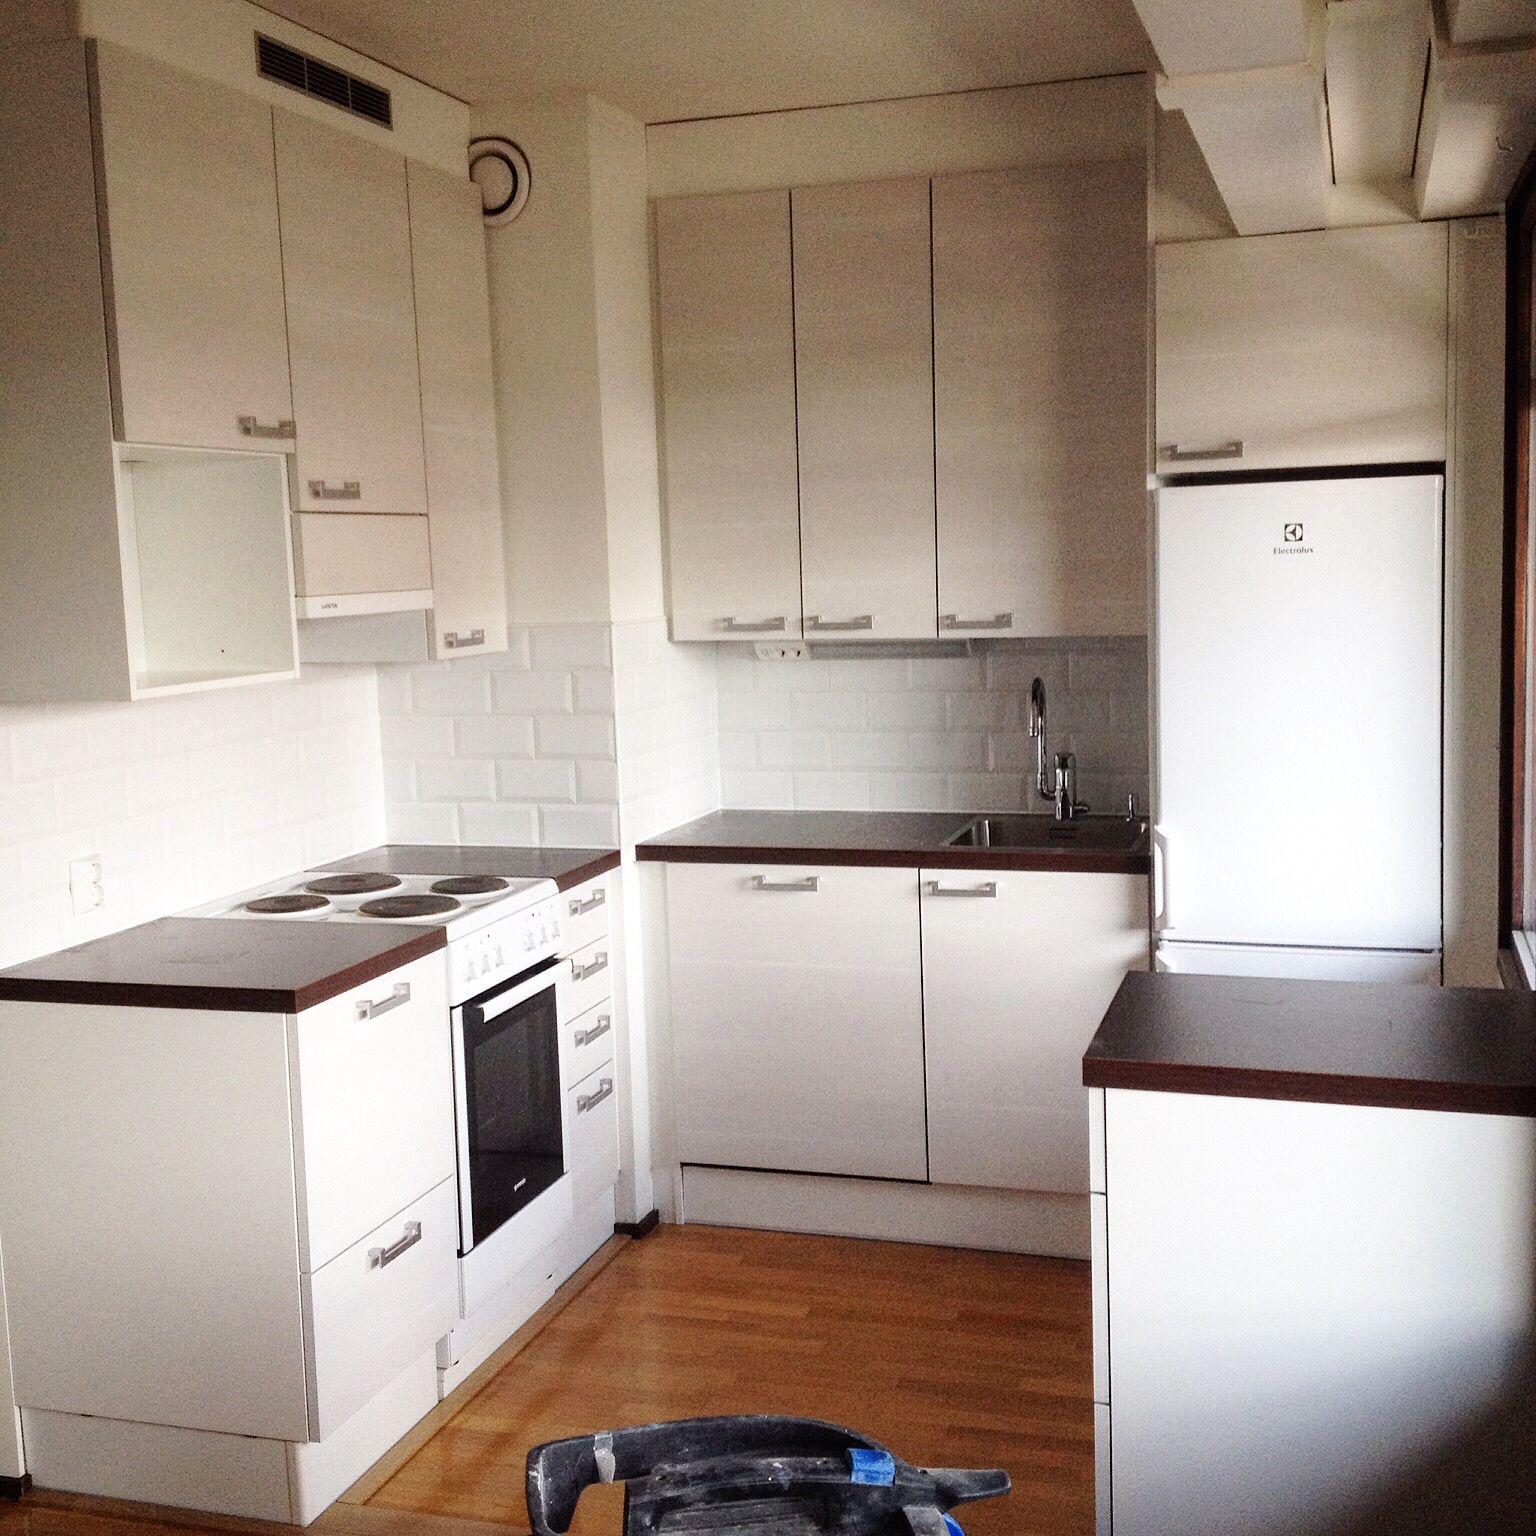 Puustelli kitchen / kök / keittiö